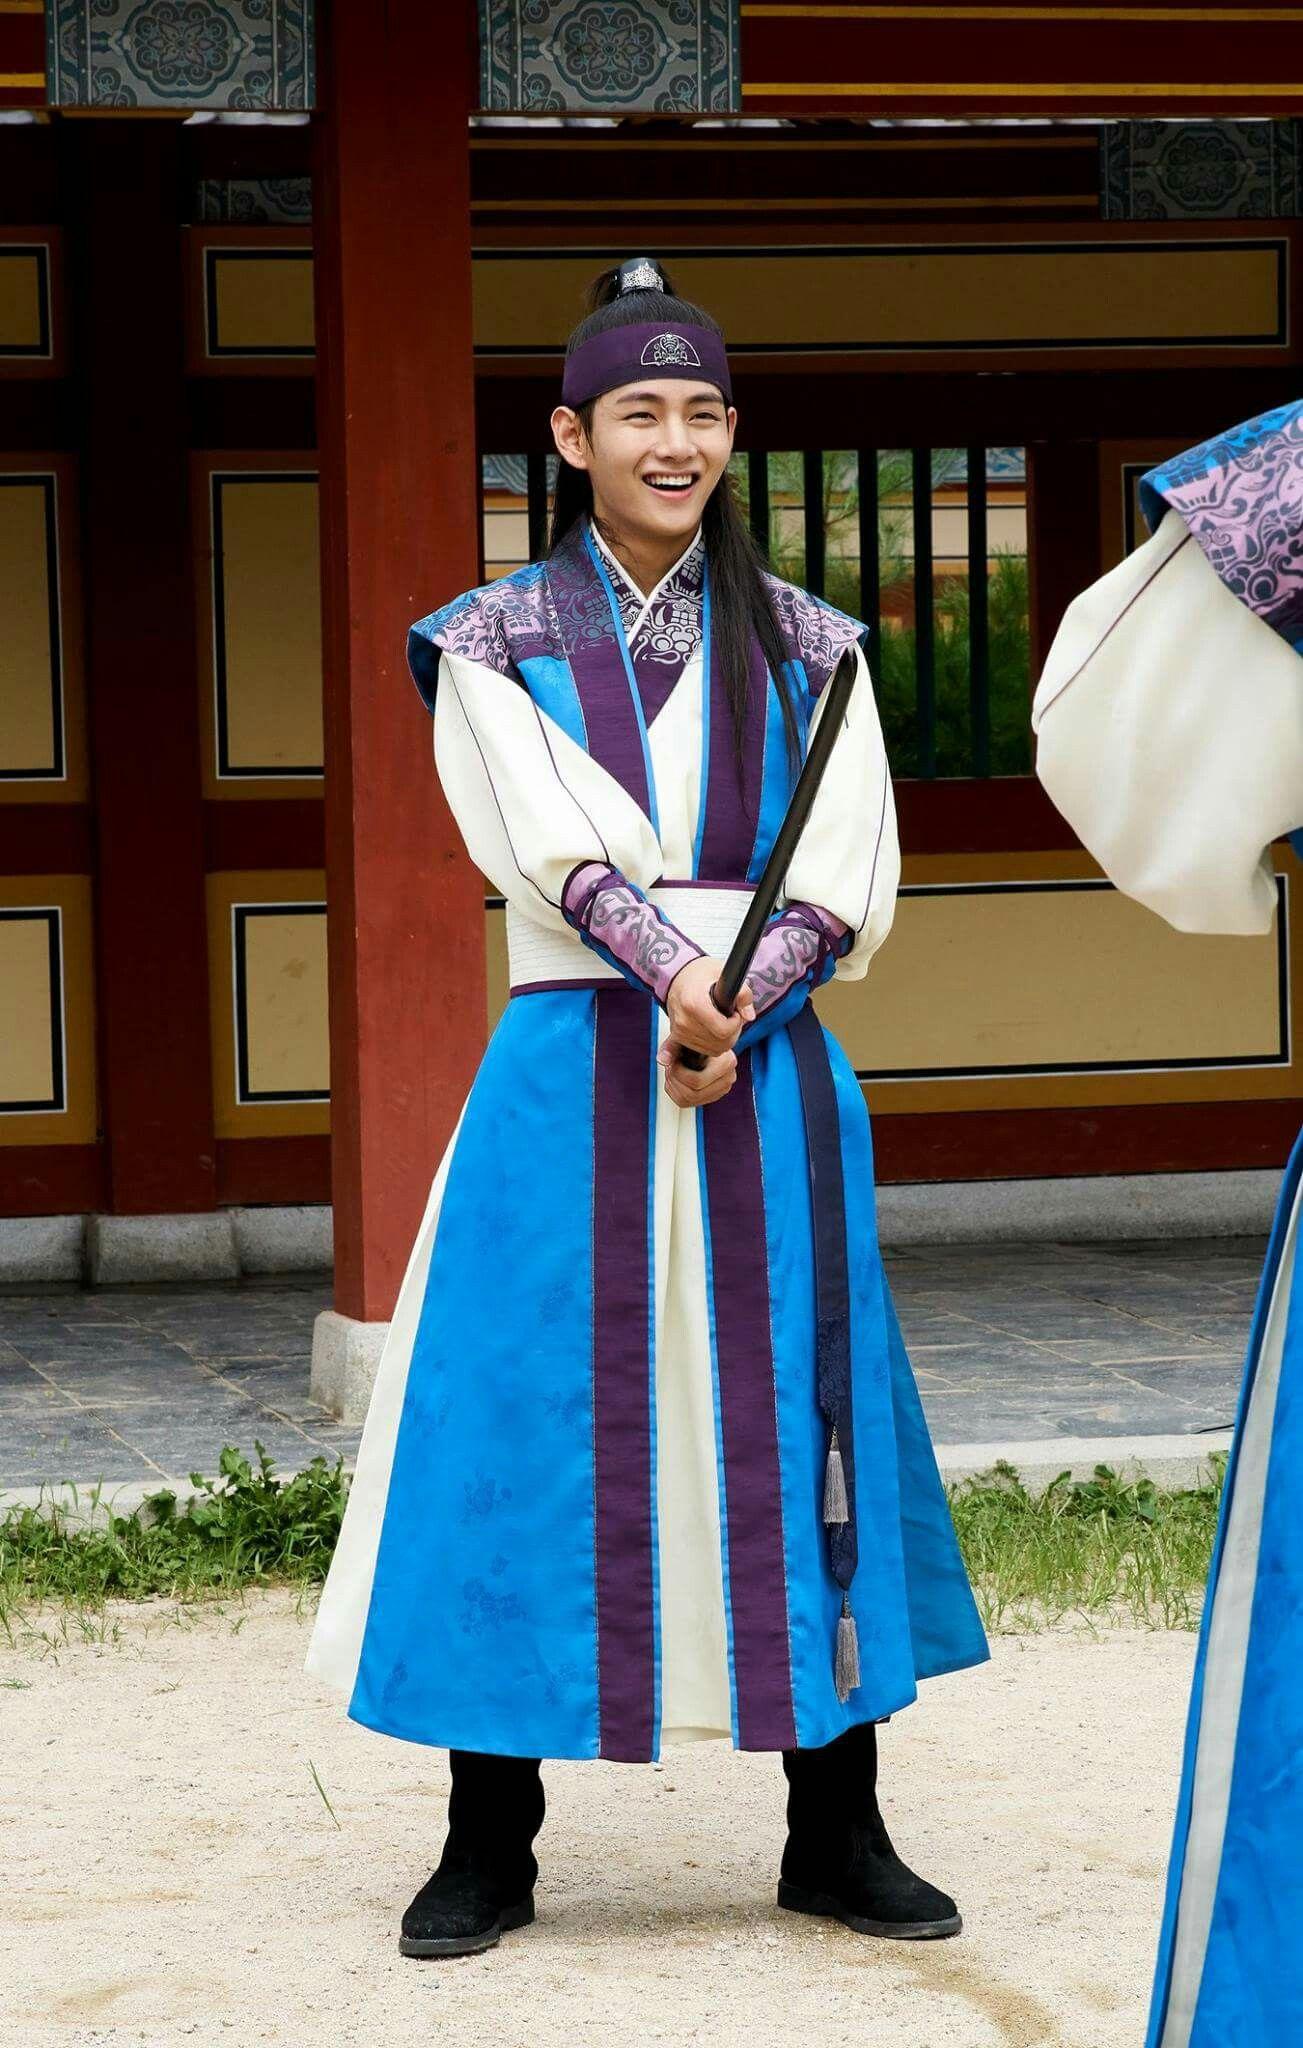 Kpop rose queen korean dance team - 3 10